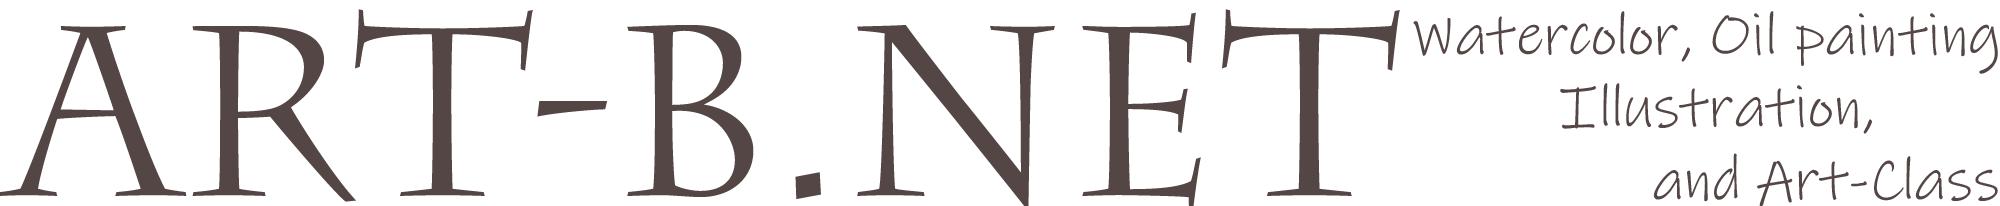 西川ケイコ(ハイハイミミ hihimimi)の絵画・イラスト・絵本ギャラリー、絵画教室の紹介